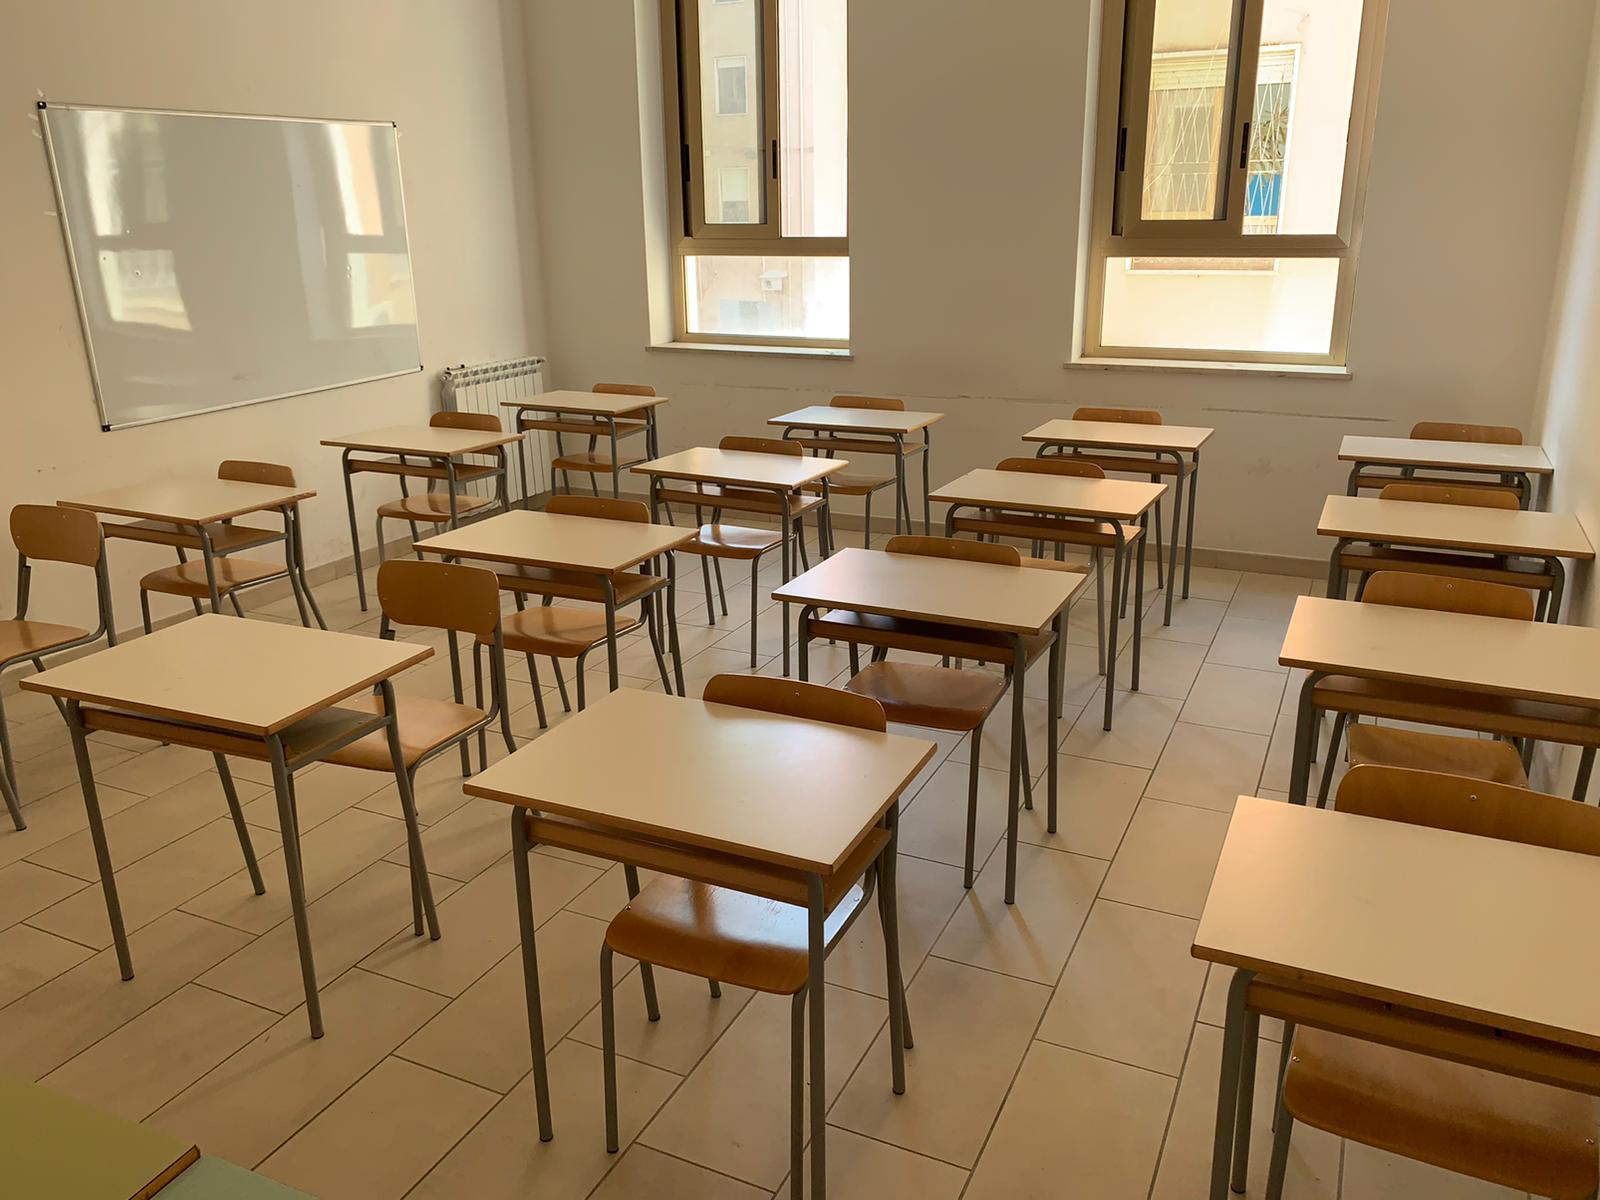 Scuola in presenza, le ultime novità. Il messaggio del Comune di Scicli